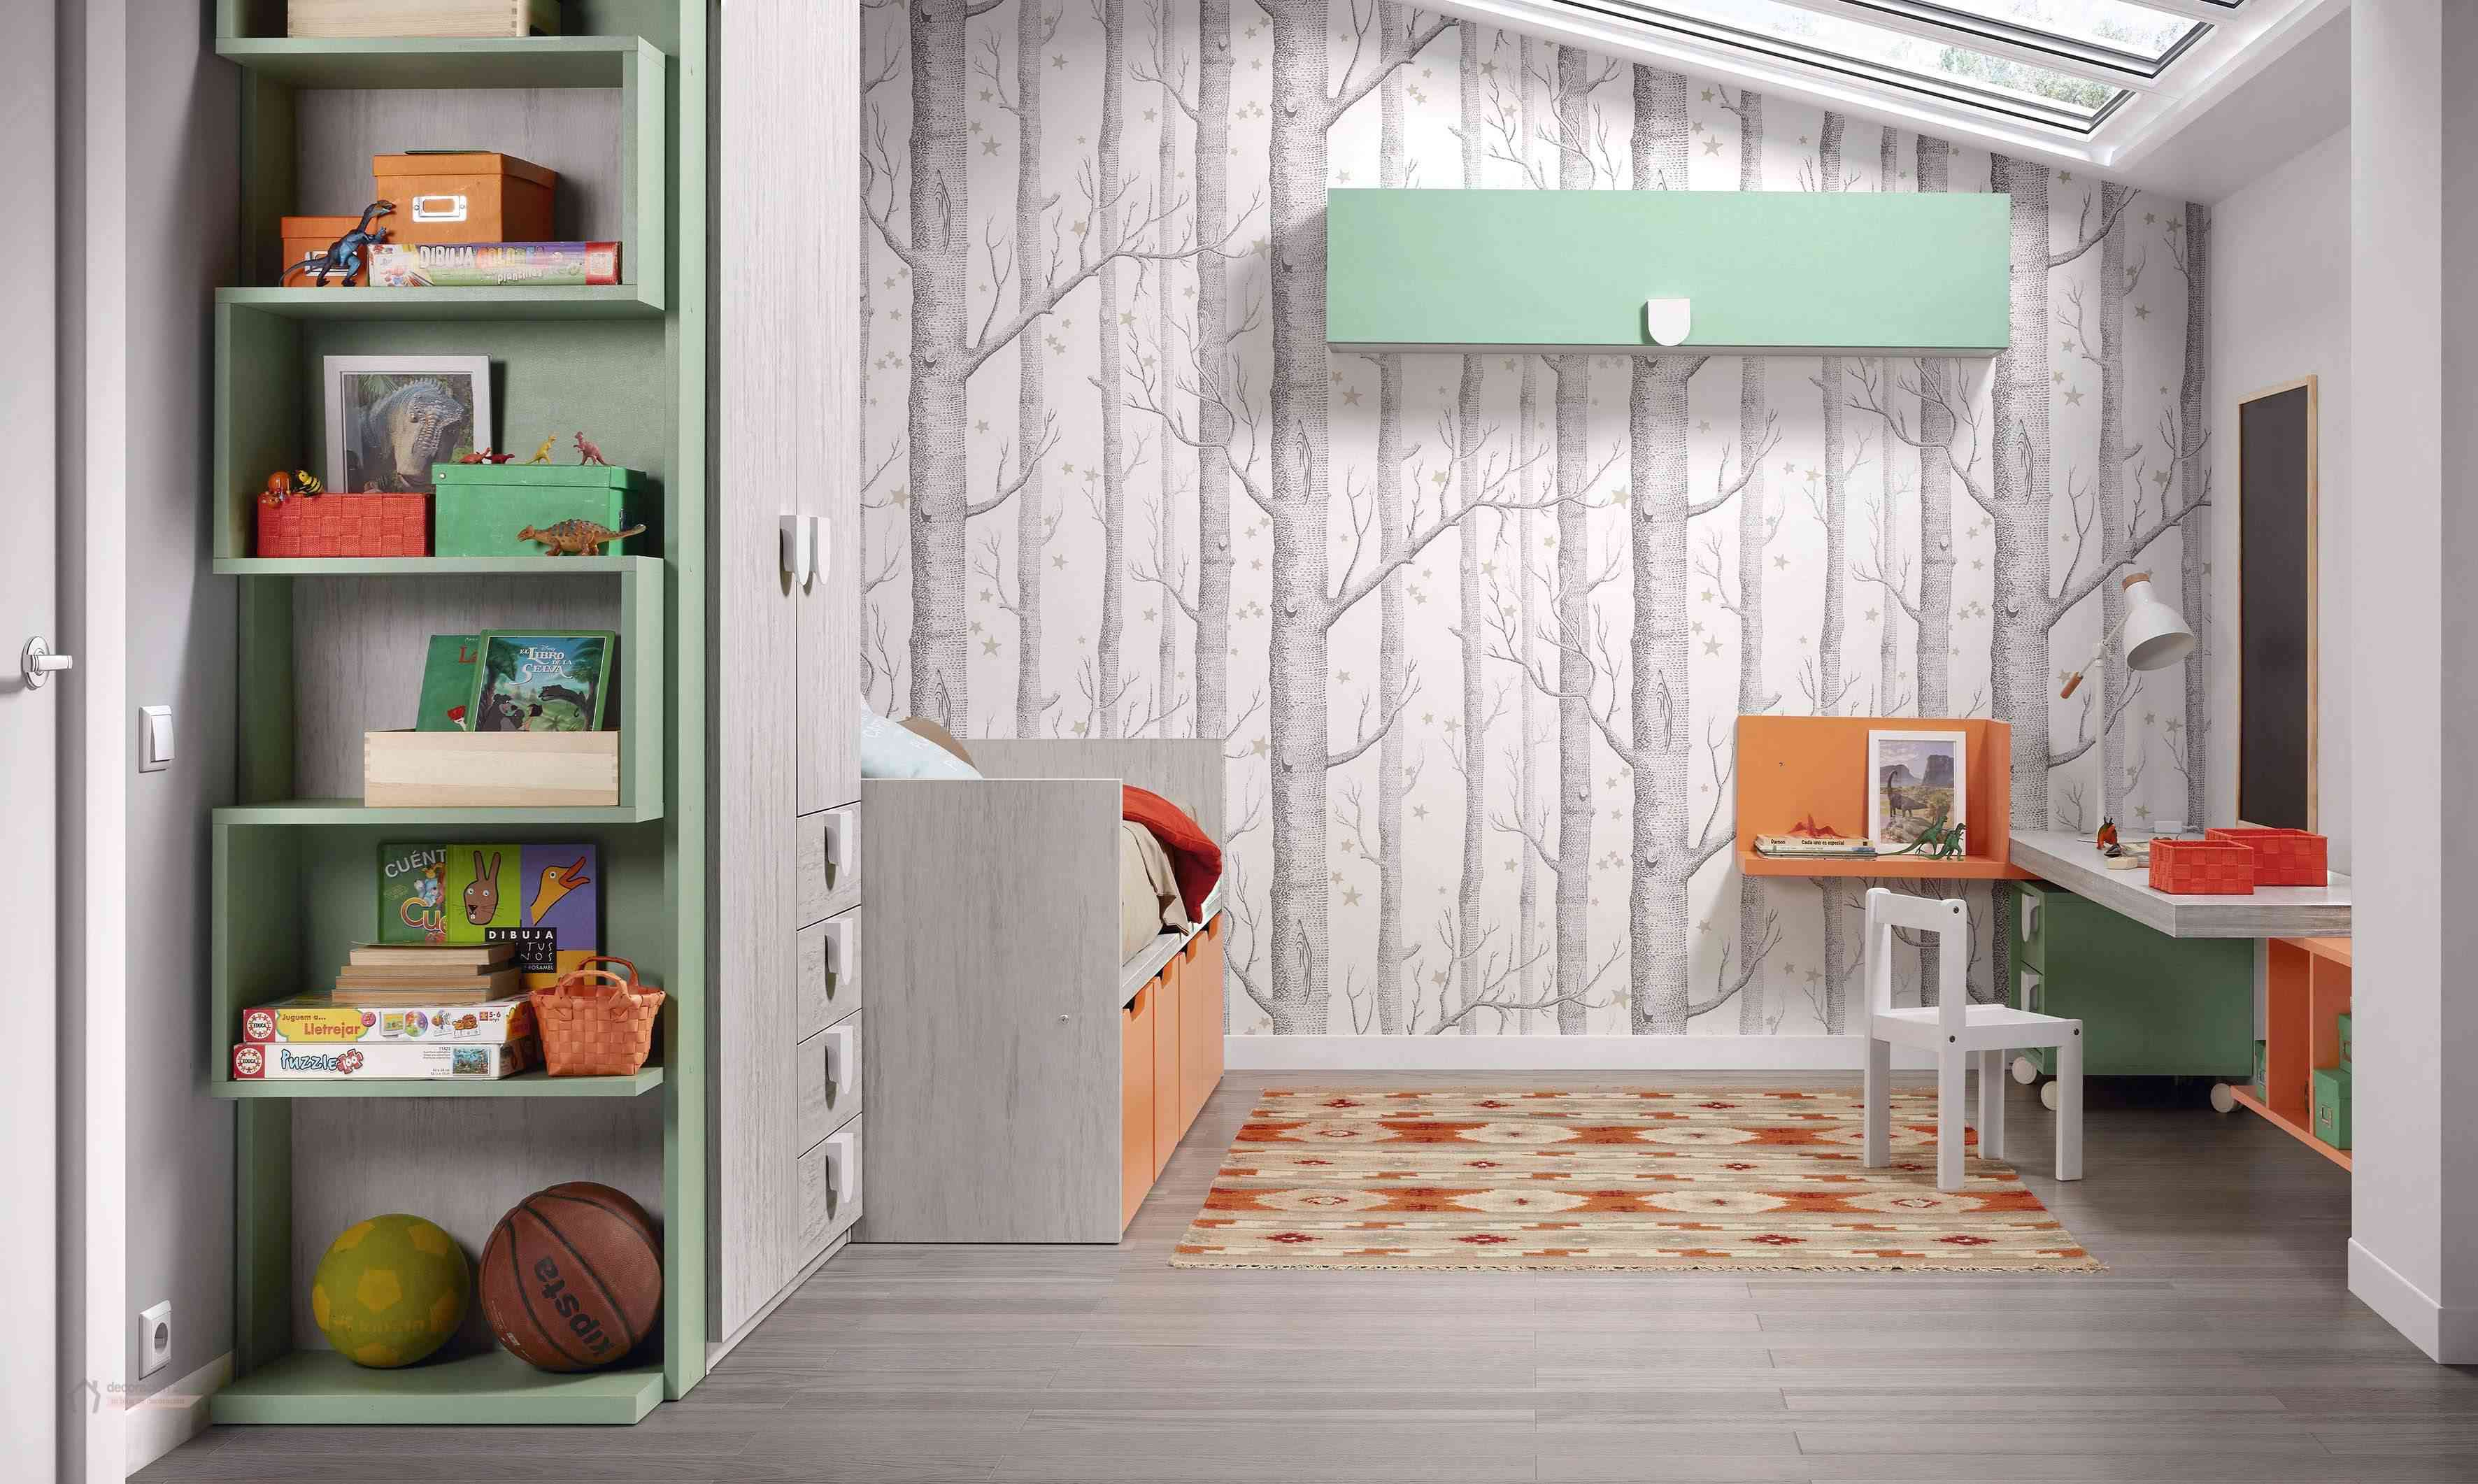 Dormitorios muy tecnológicos que siguen el ritmo de niños y jóvenes 19